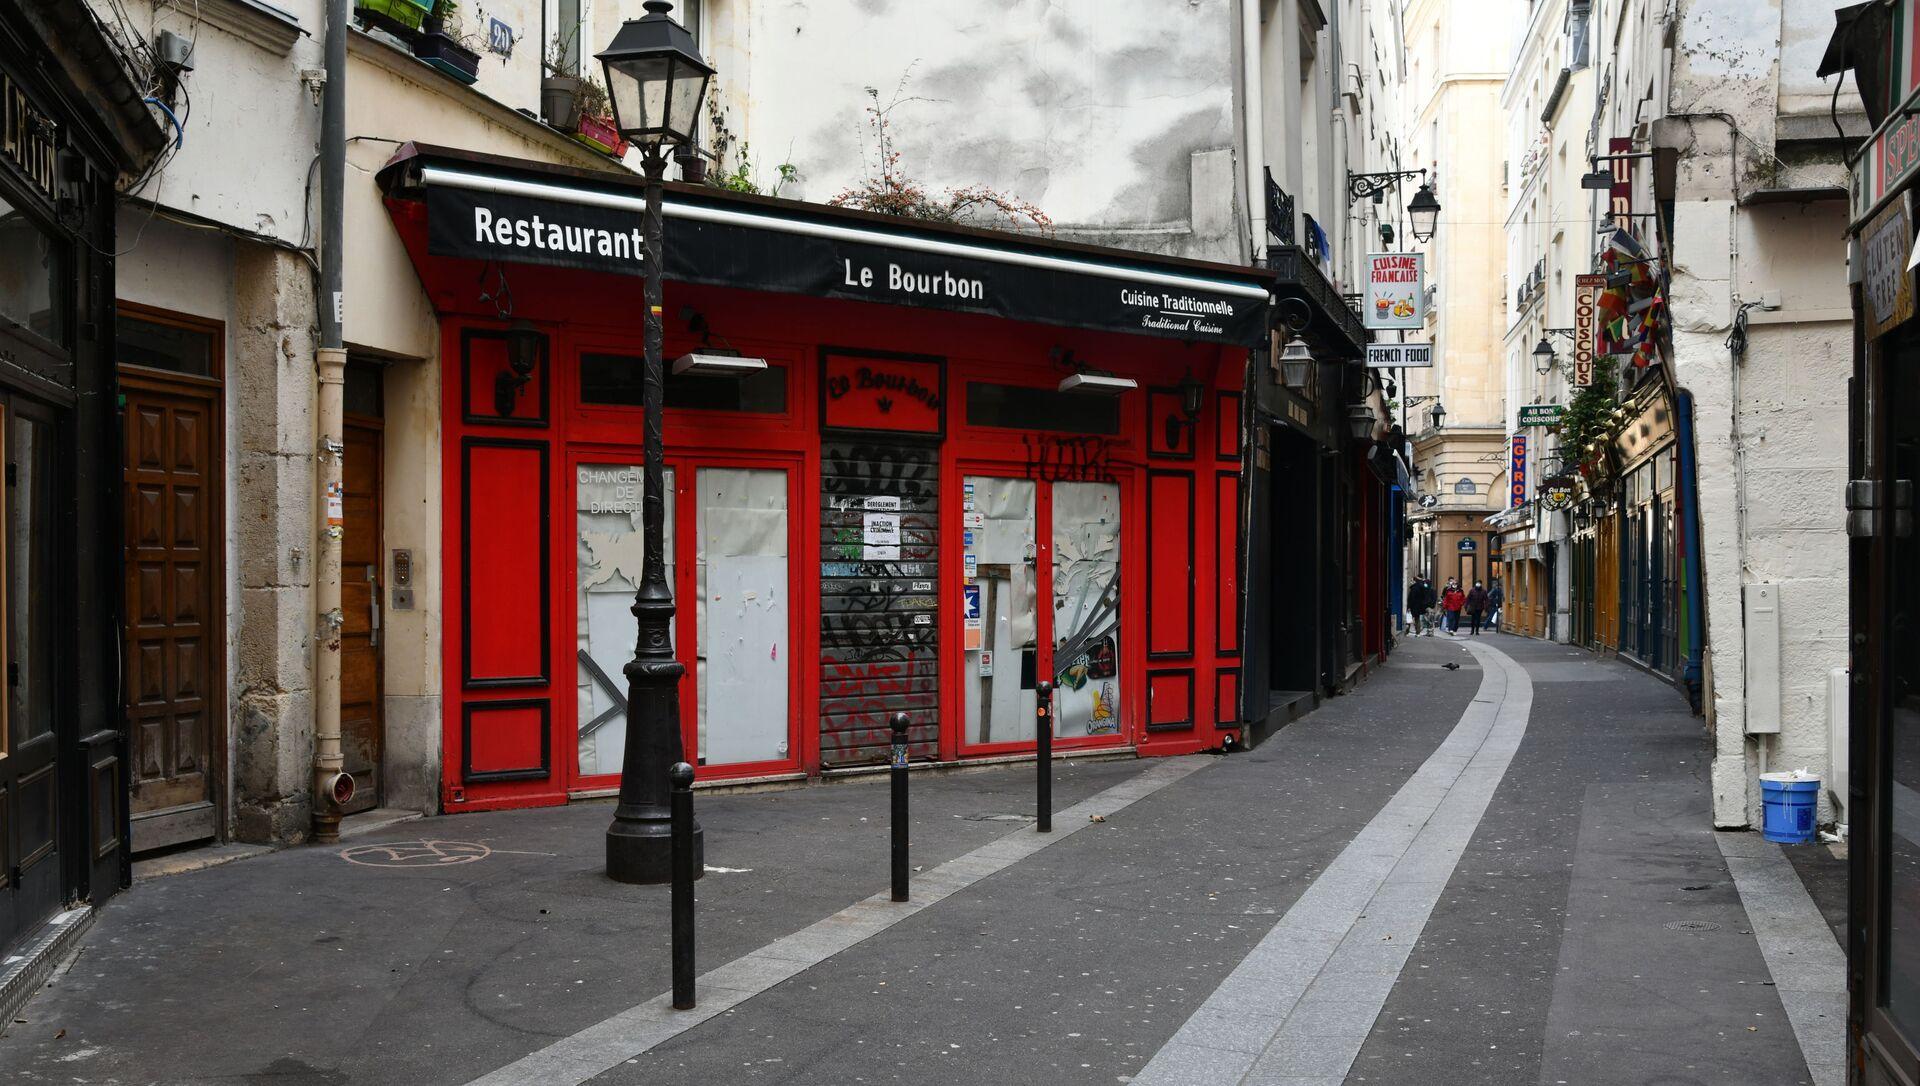 Un restaurant fermé à Paris lors de la crise sanitaire du Covid-19 (archive photo) - Sputnik France, 1920, 25.03.2021